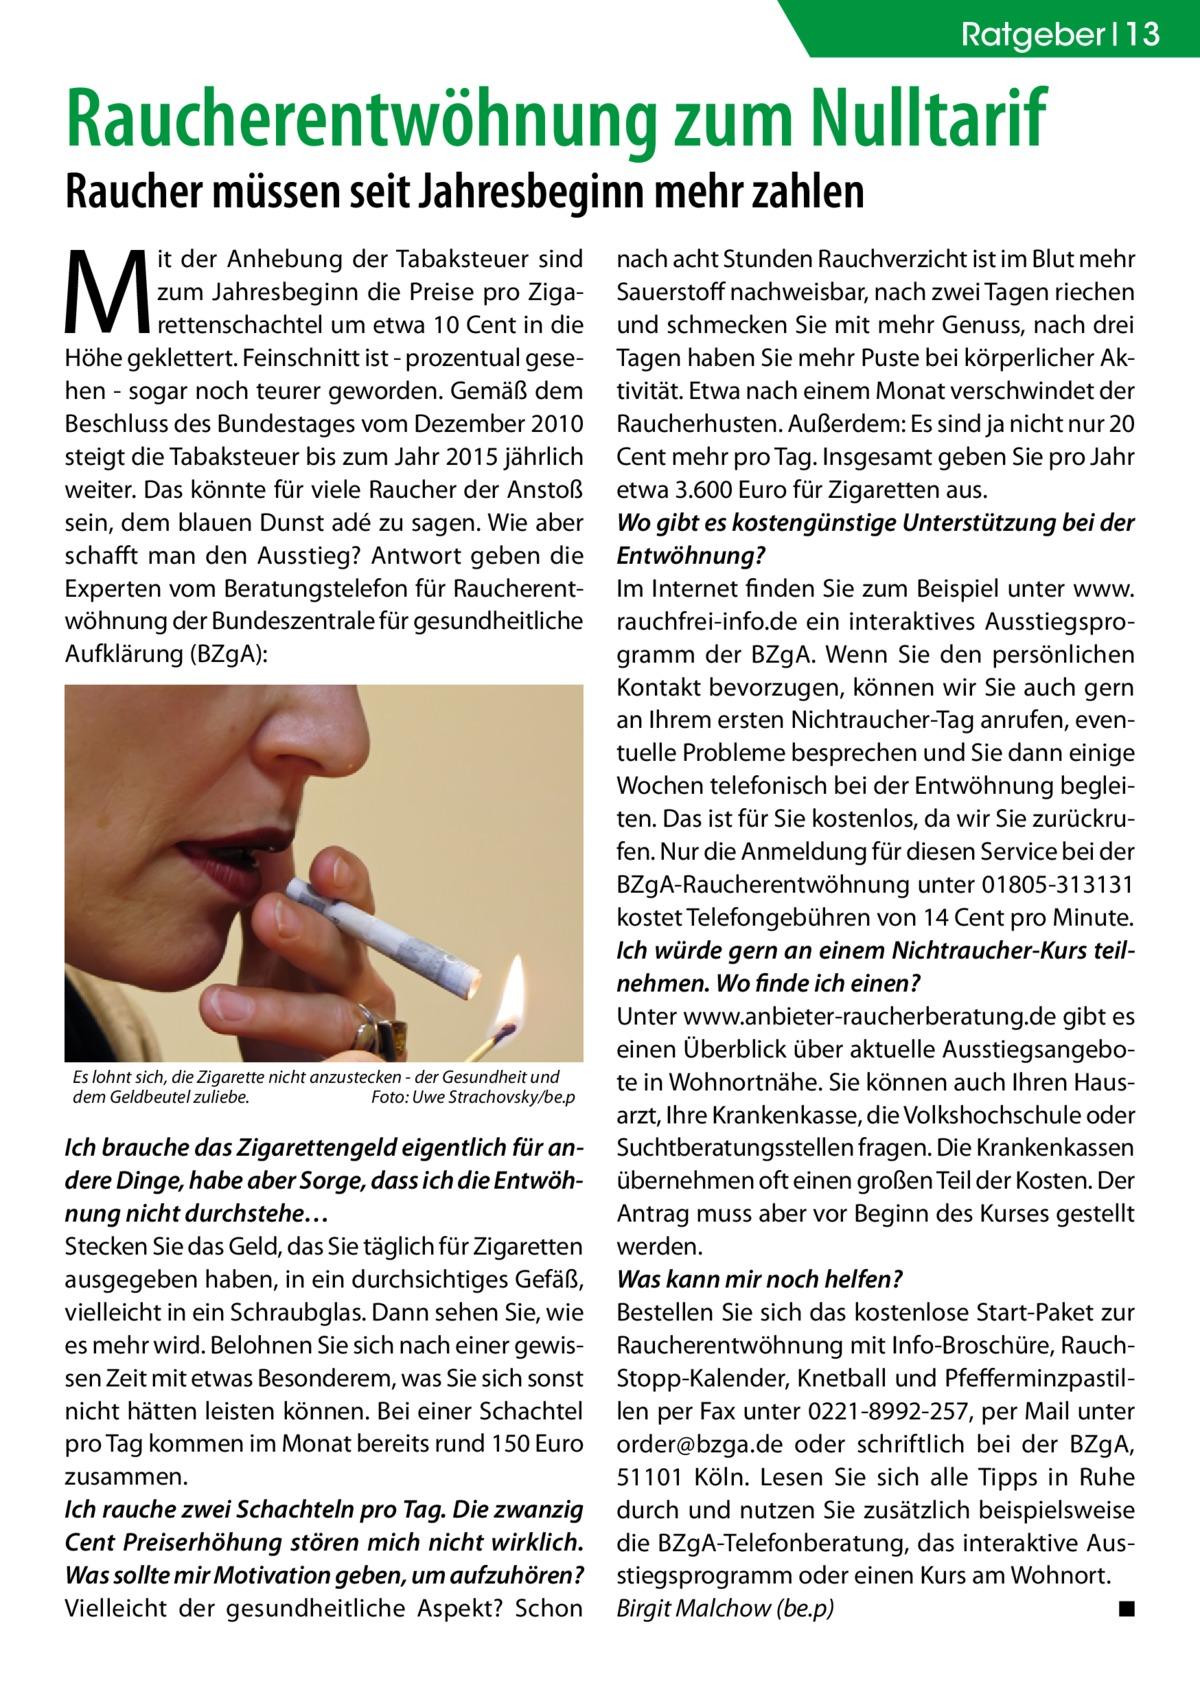 Ratgeber 13  Raucherentwöhnung zum Nulltarif Raucher müssen seit Jahresbeginn mehr zahlen  M  it der Anhebung der Tabaksteuer sind zum Jahresbeginn die Preise pro Zigarettenschachtel um etwa 10 Cent in die Höhe geklettert. Feinschnitt ist - prozentual gesehen - sogar noch teurer geworden. Gemäß dem Beschluss des Bundestages vom Dezember 2010 steigt die Tabaksteuer bis zum Jahr 2015 jährlich weiter. Das könnte für viele Raucher der Anstoß sein, dem blauen Dunst adé zu sagen. Wie aber schafft man den Ausstieg? Antwort geben die Experten vom Beratungstelefon für Raucherentwöhnung der Bundeszentrale für gesundheitliche Aufklärung (BZgA):  Es lohnt sich, die Zigarette nicht anzustecken - der Gesundheit und dem Geldbeutel zuliebe.� Foto: Uwe Strachovsky/be.p  Ich brauche das Zigarettengeld eigentlich für andere Dinge, habe aber Sorge, dass ich die Entwöhnung nicht durchstehe… Stecken Sie das Geld, das Sie täglich für Zigaretten ausgegeben haben, in ein durchsichtiges Gefäß, vielleicht in ein Schraubglas. Dann sehen Sie, wie es mehr wird. Belohnen Sie sich nach einer gewissen Zeit mit etwas Besonderem, was Sie sich sonst nicht hätten leisten können. Bei einer Schachtel pro Tag kommen im Monat bereits rund 150 Euro zusammen. Ich rauche zwei Schachteln pro Tag. Die zwanzig Cent Preiserhöhung stören mich nicht wirklich. Was sollte mir Motivation geben, um aufzuhören? Vielleicht der gesundheitliche Aspekt? Schon  nach acht Stunden Rauchverzicht ist im Blut mehr Sauerstoff nachweisbar, nach zwei Tagen riechen und schmecken Sie mit mehr Genuss, nach drei Tagen haben Sie mehr Puste bei körperlicher Aktivität. Etwa nach einem Monat verschwindet der Raucherhusten. Außerdem: Es sind ja nicht nur 20 Cent mehr pro Tag. Insgesamt geben Sie pro Jahr etwa 3.600 Euro für Zigaretten aus. Wo gibt es kostengünstige Unterstützung bei der Entwöhnung? Im Internet finden Sie zum Beispiel unter www. rauchfrei-info.de ein interaktives Ausstiegsprogramm der BZgA. Wenn Sie den persönlichen Kontakt b